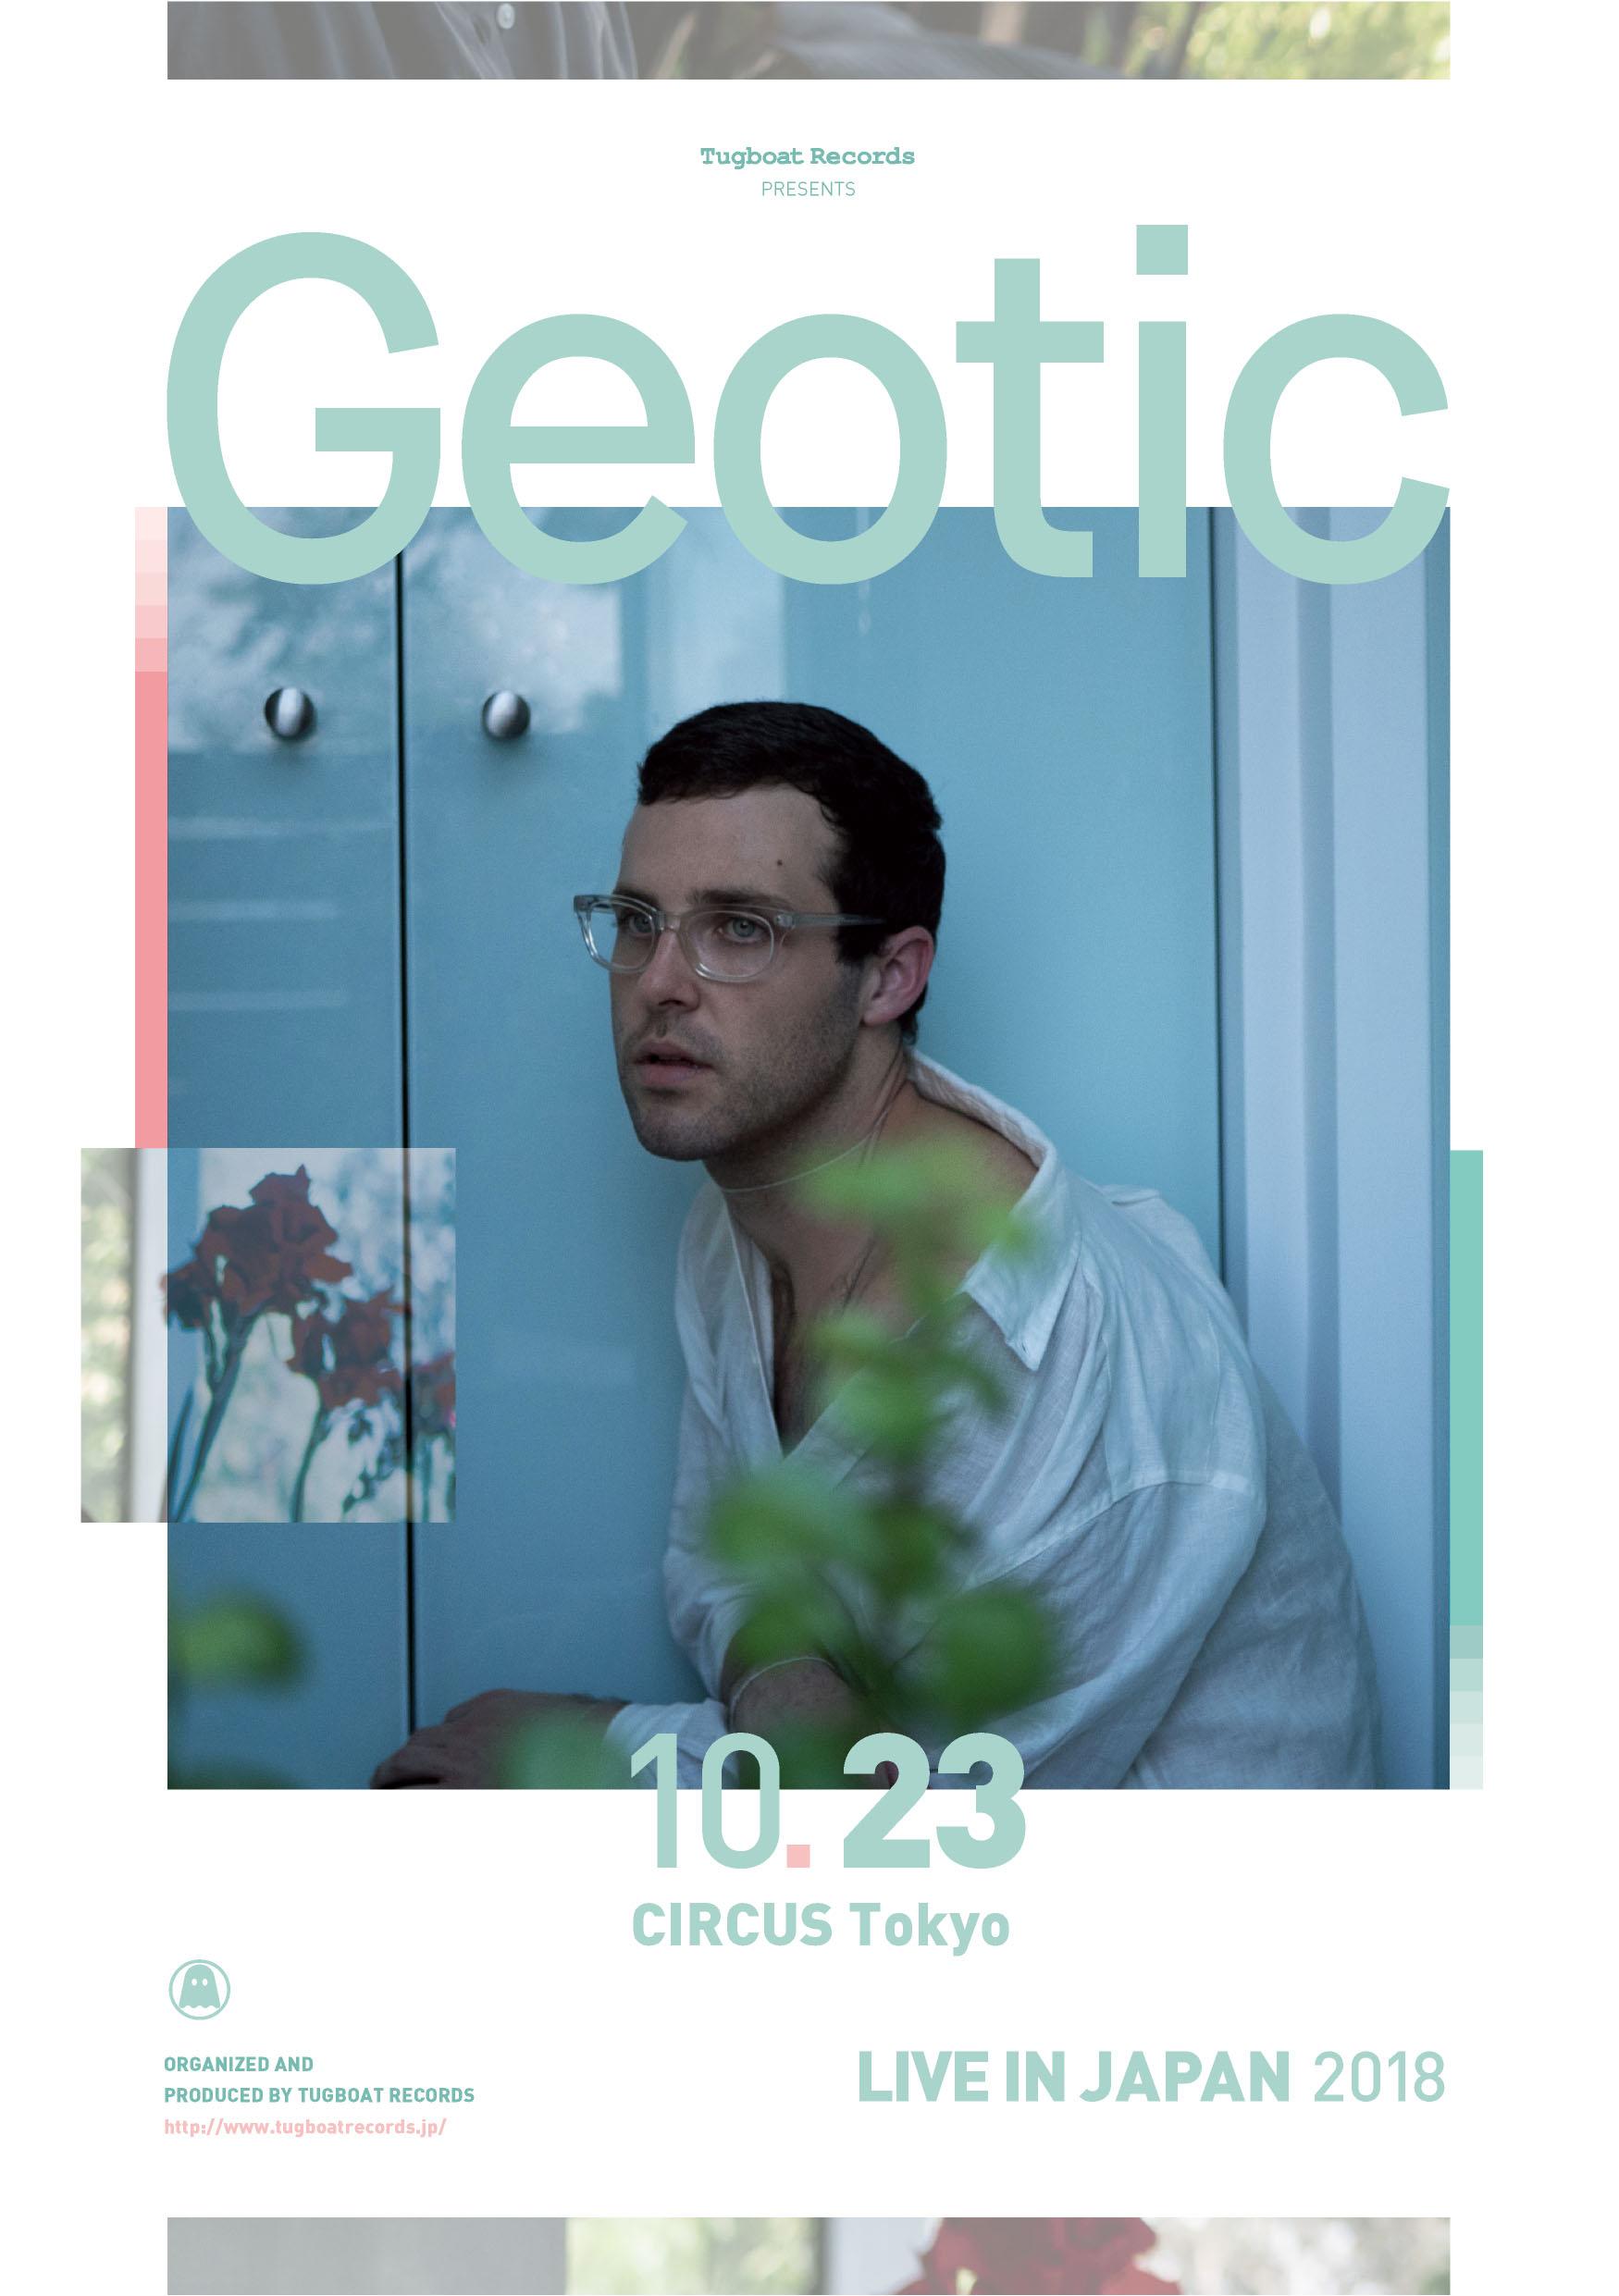 Will Wiesenfeldのプロジェクト、Geotic。日本先行リリースの『Traversa』を引っ提げ、10/23(火)CIRCUS Tokyo にて公演決定!!